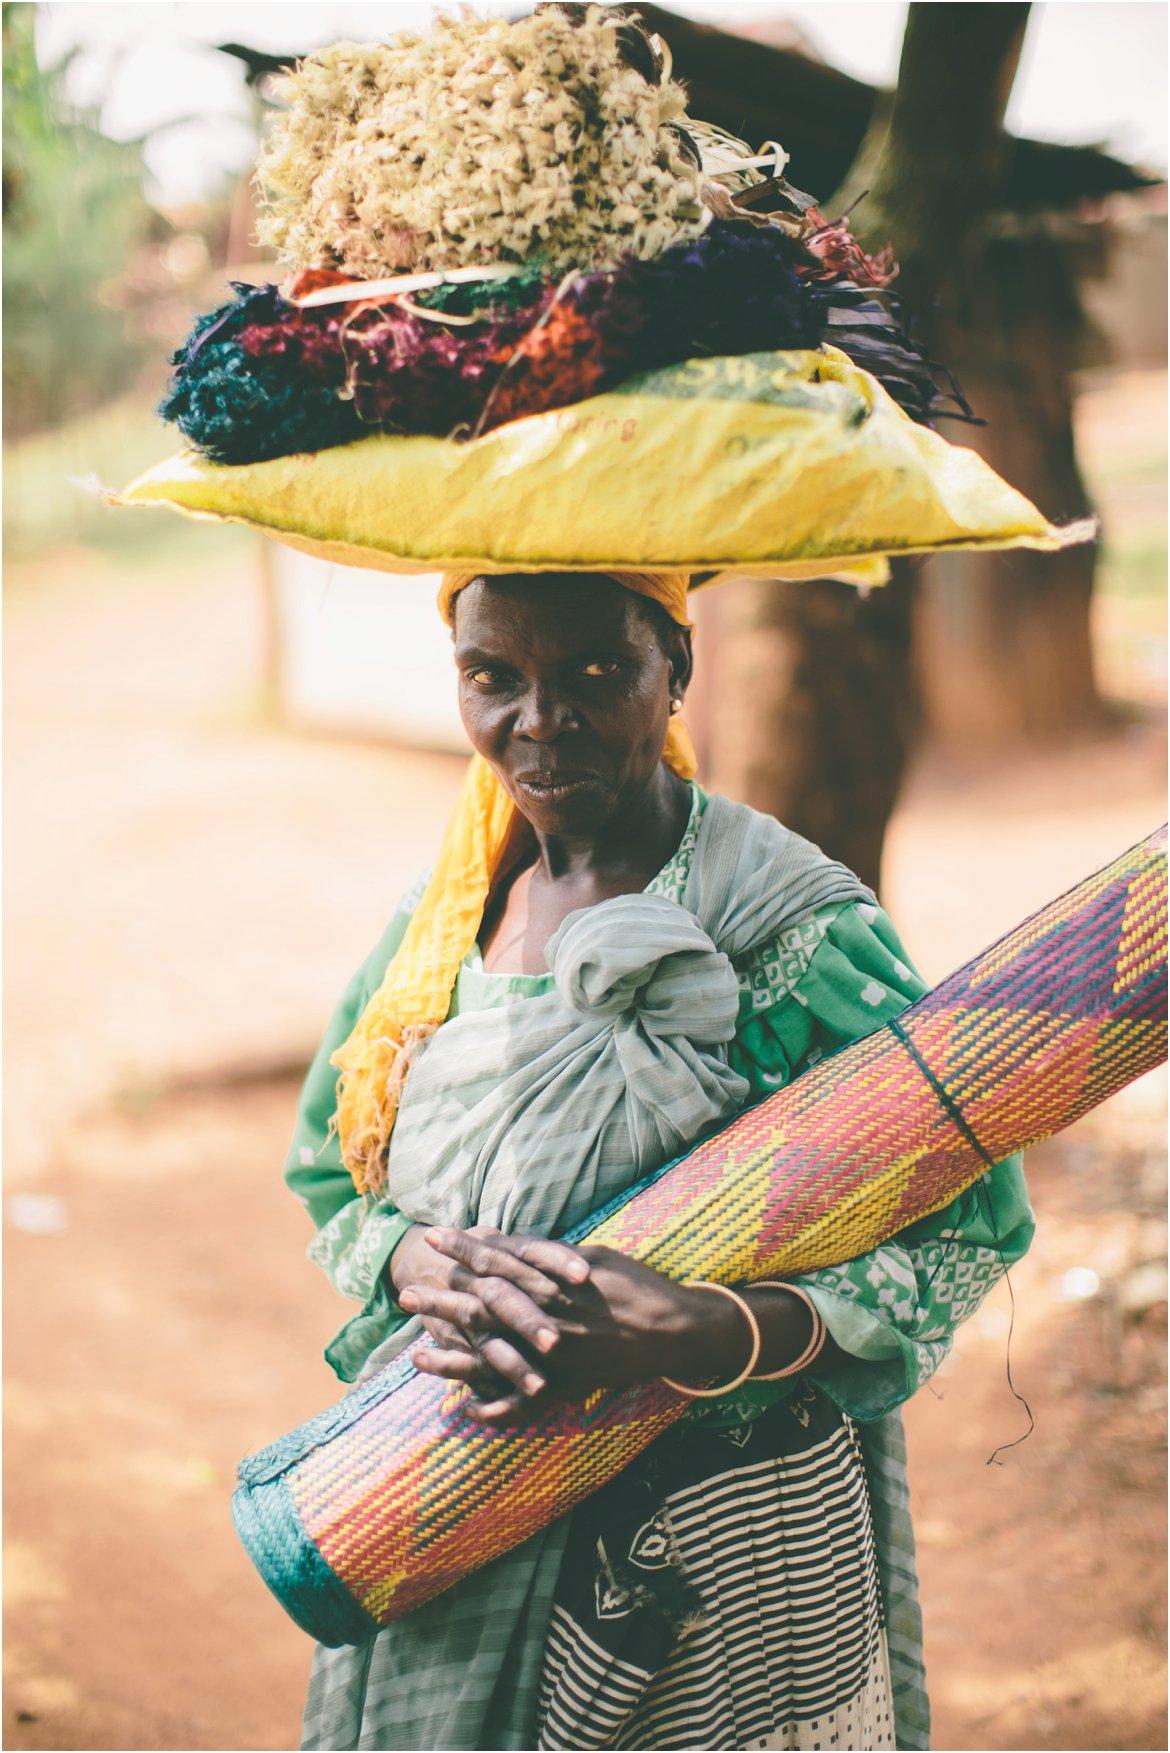 uganda_tearfund_humanitarian_0013.jpg